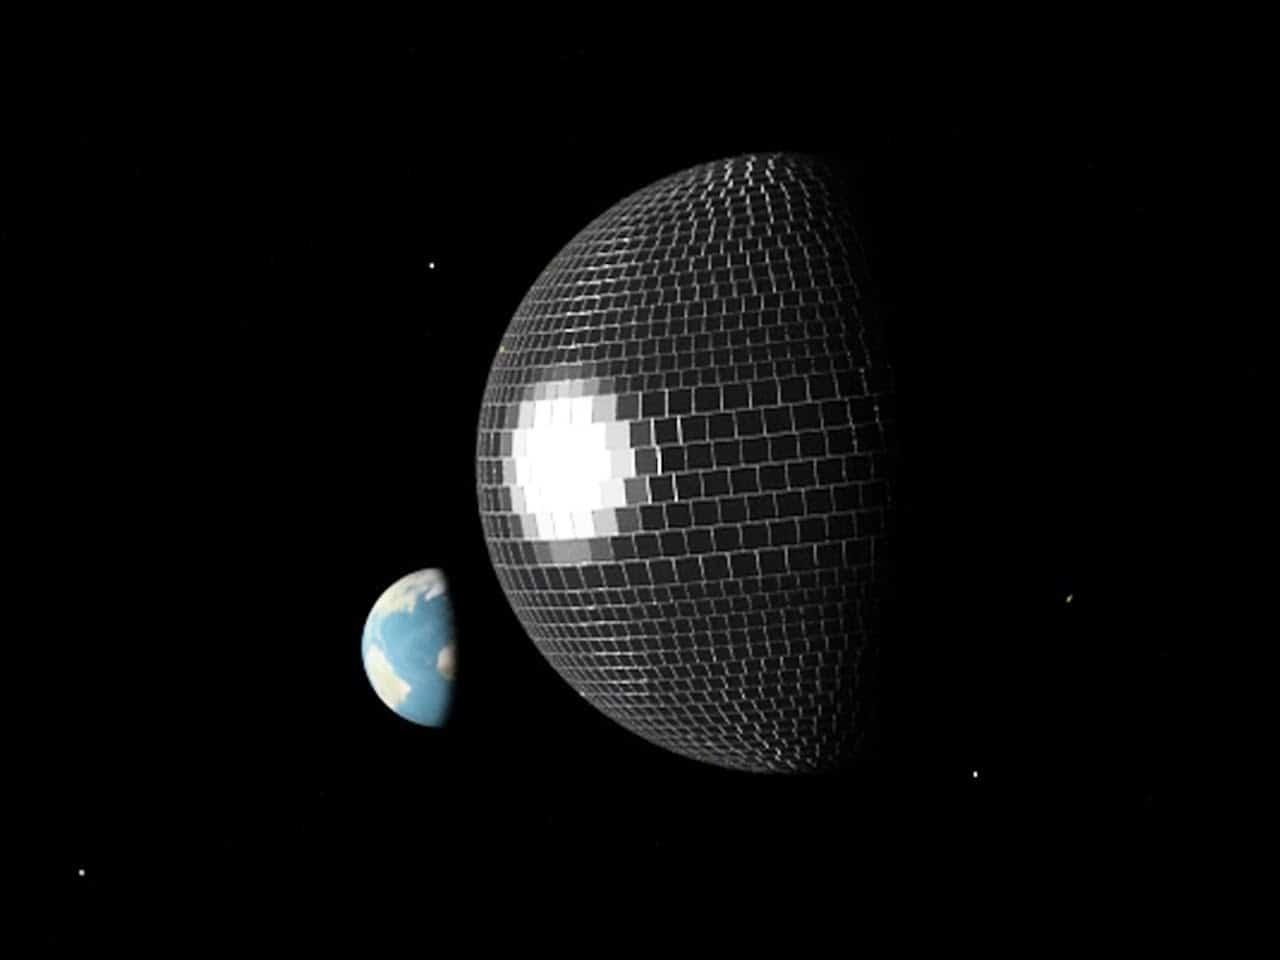 Wenn der Mond eine Discokugel wäre